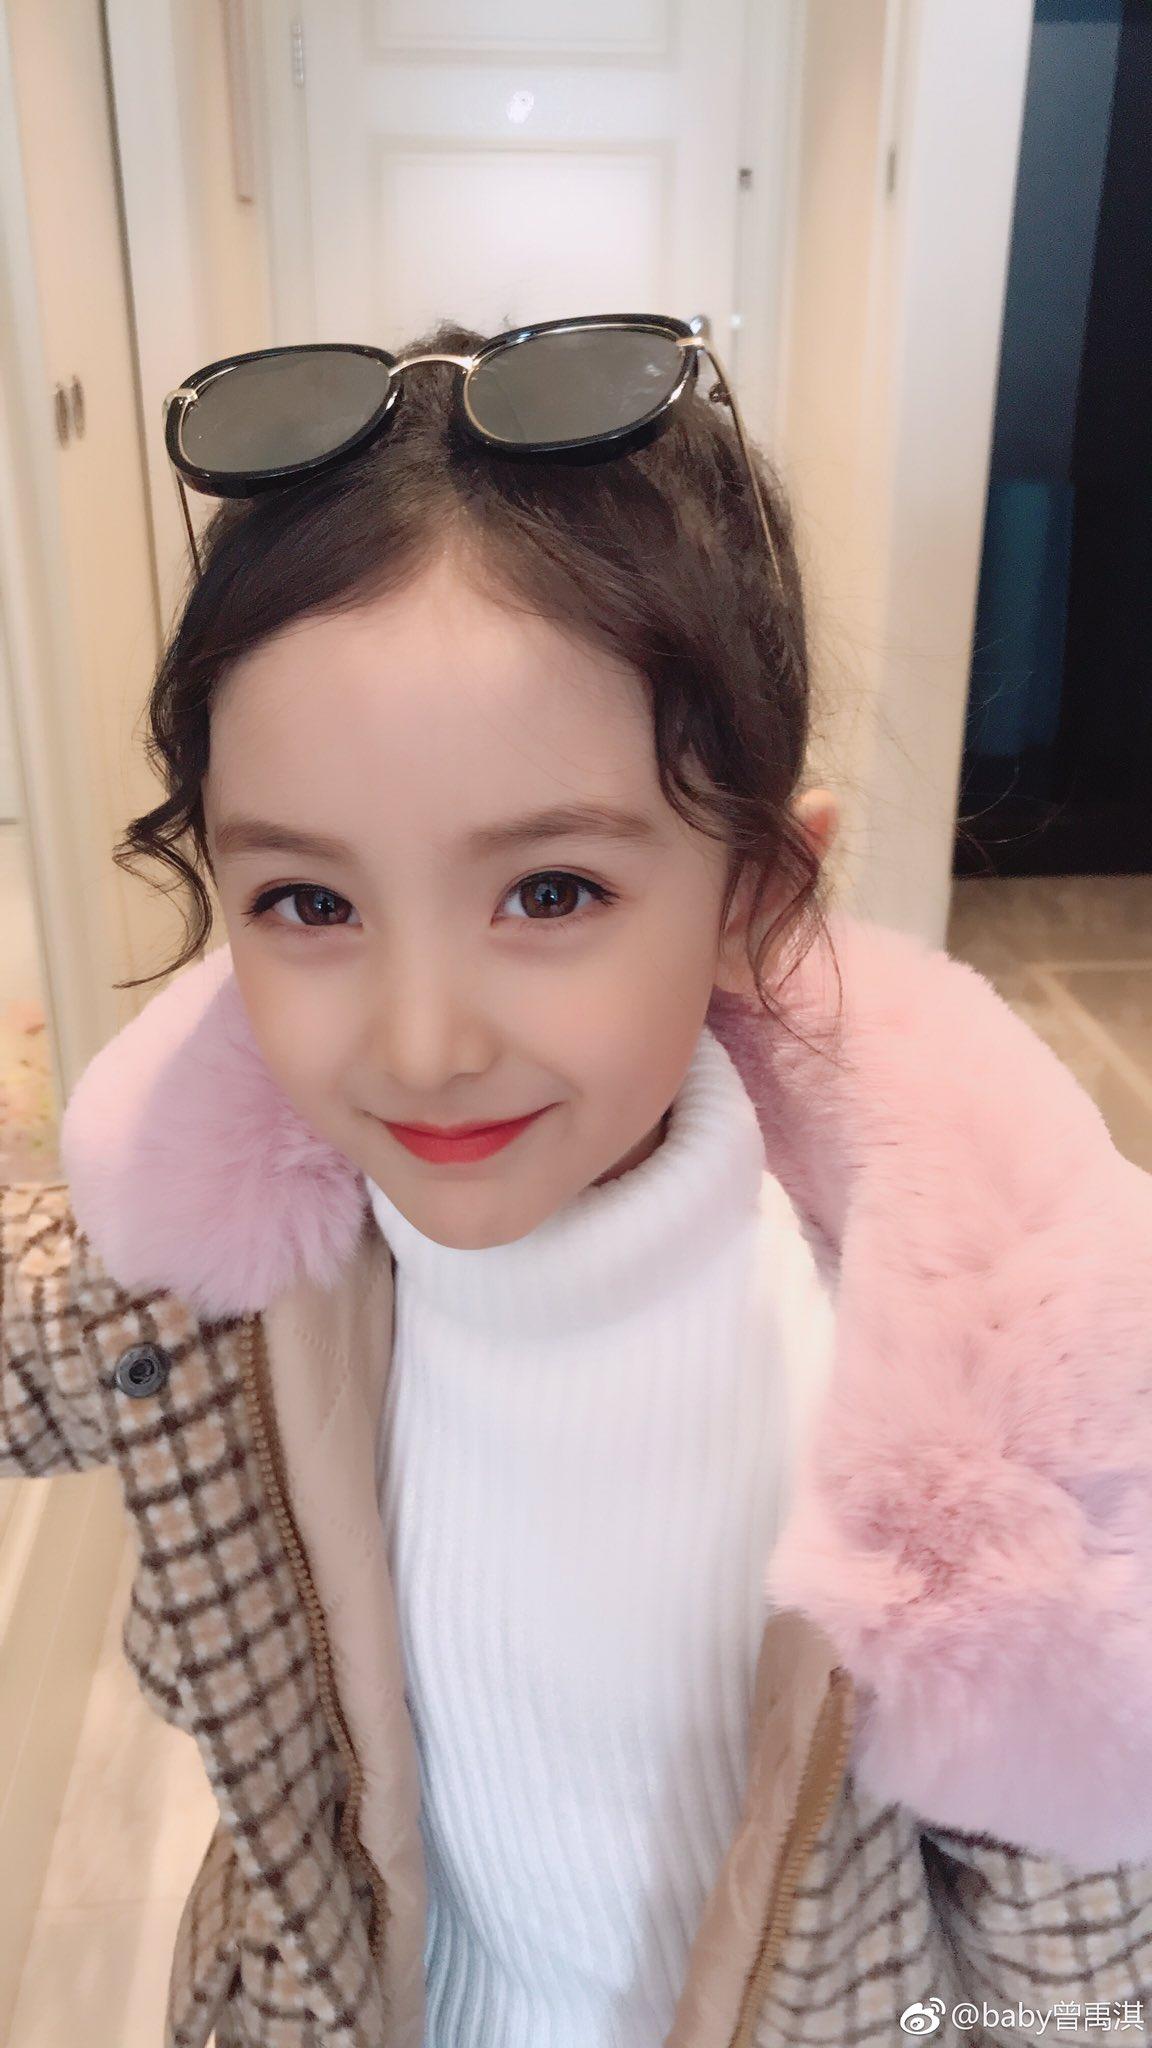 とてもタイプな中国の子役を見つけてしまった…曾禹淇ちゃん(通称 キキちゃん)  こんなにも目が大きくて瞳の色が茶色だけど、純中国人だって!! まだ5歳らしいけど大人顔負けの美貌…将来有望すぎません??